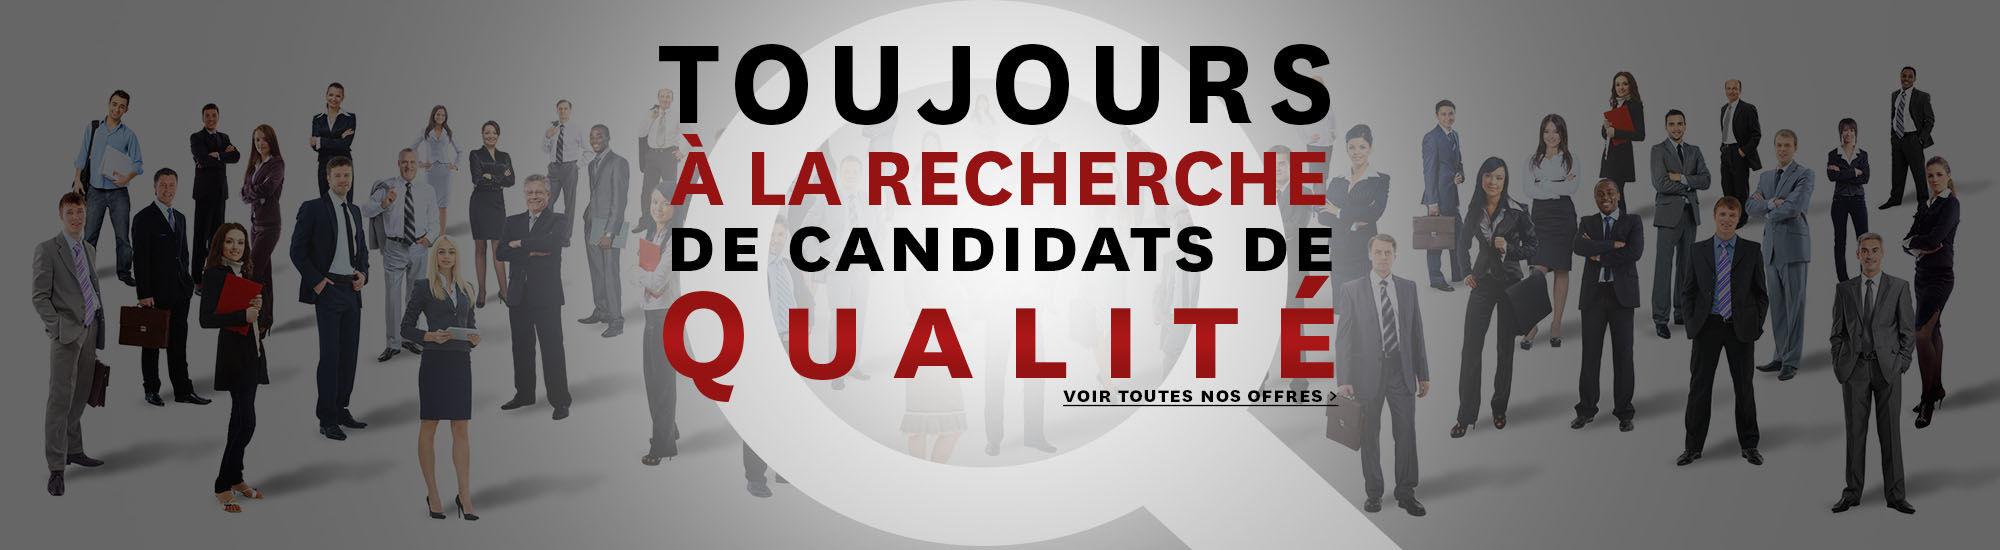 Nous sommes à la recherche de candidats de qualité